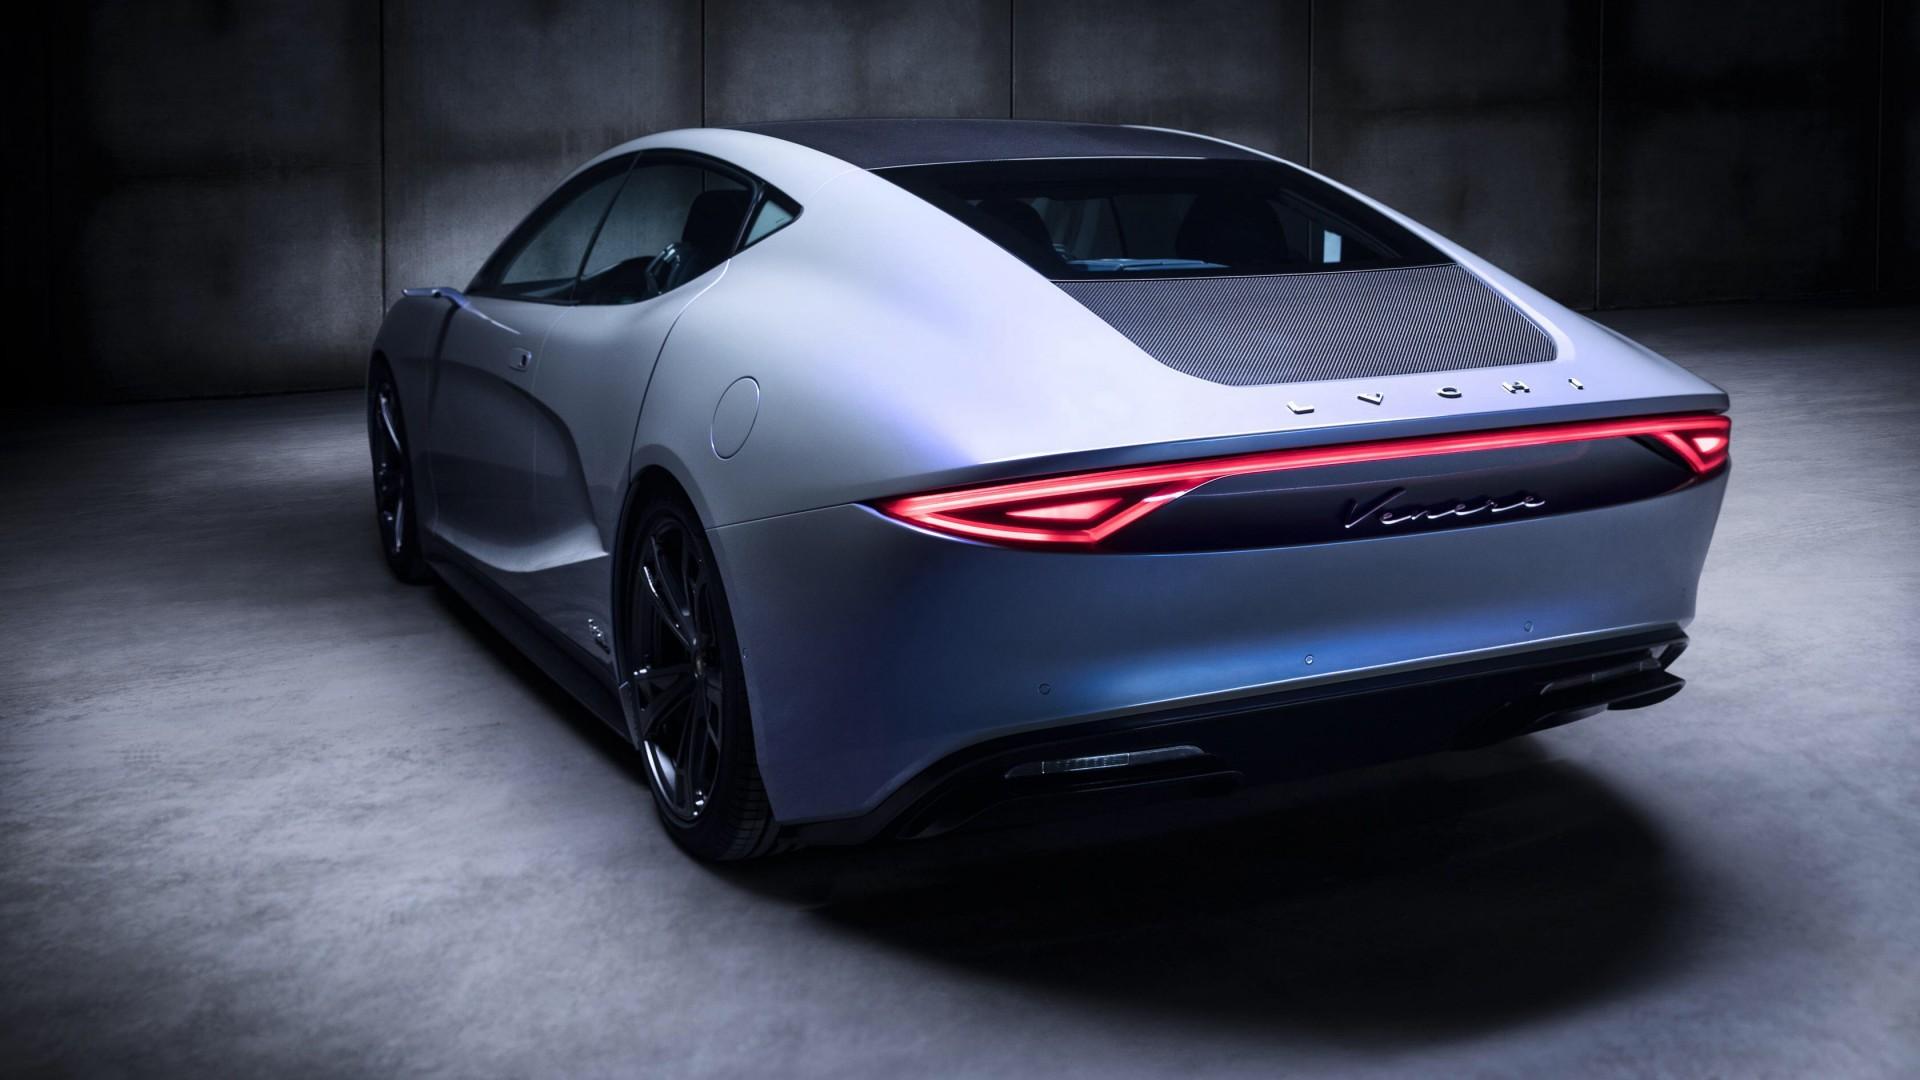 2018 LVCHI Venere Electric Concept Car 2 Wallpaper | HD ...